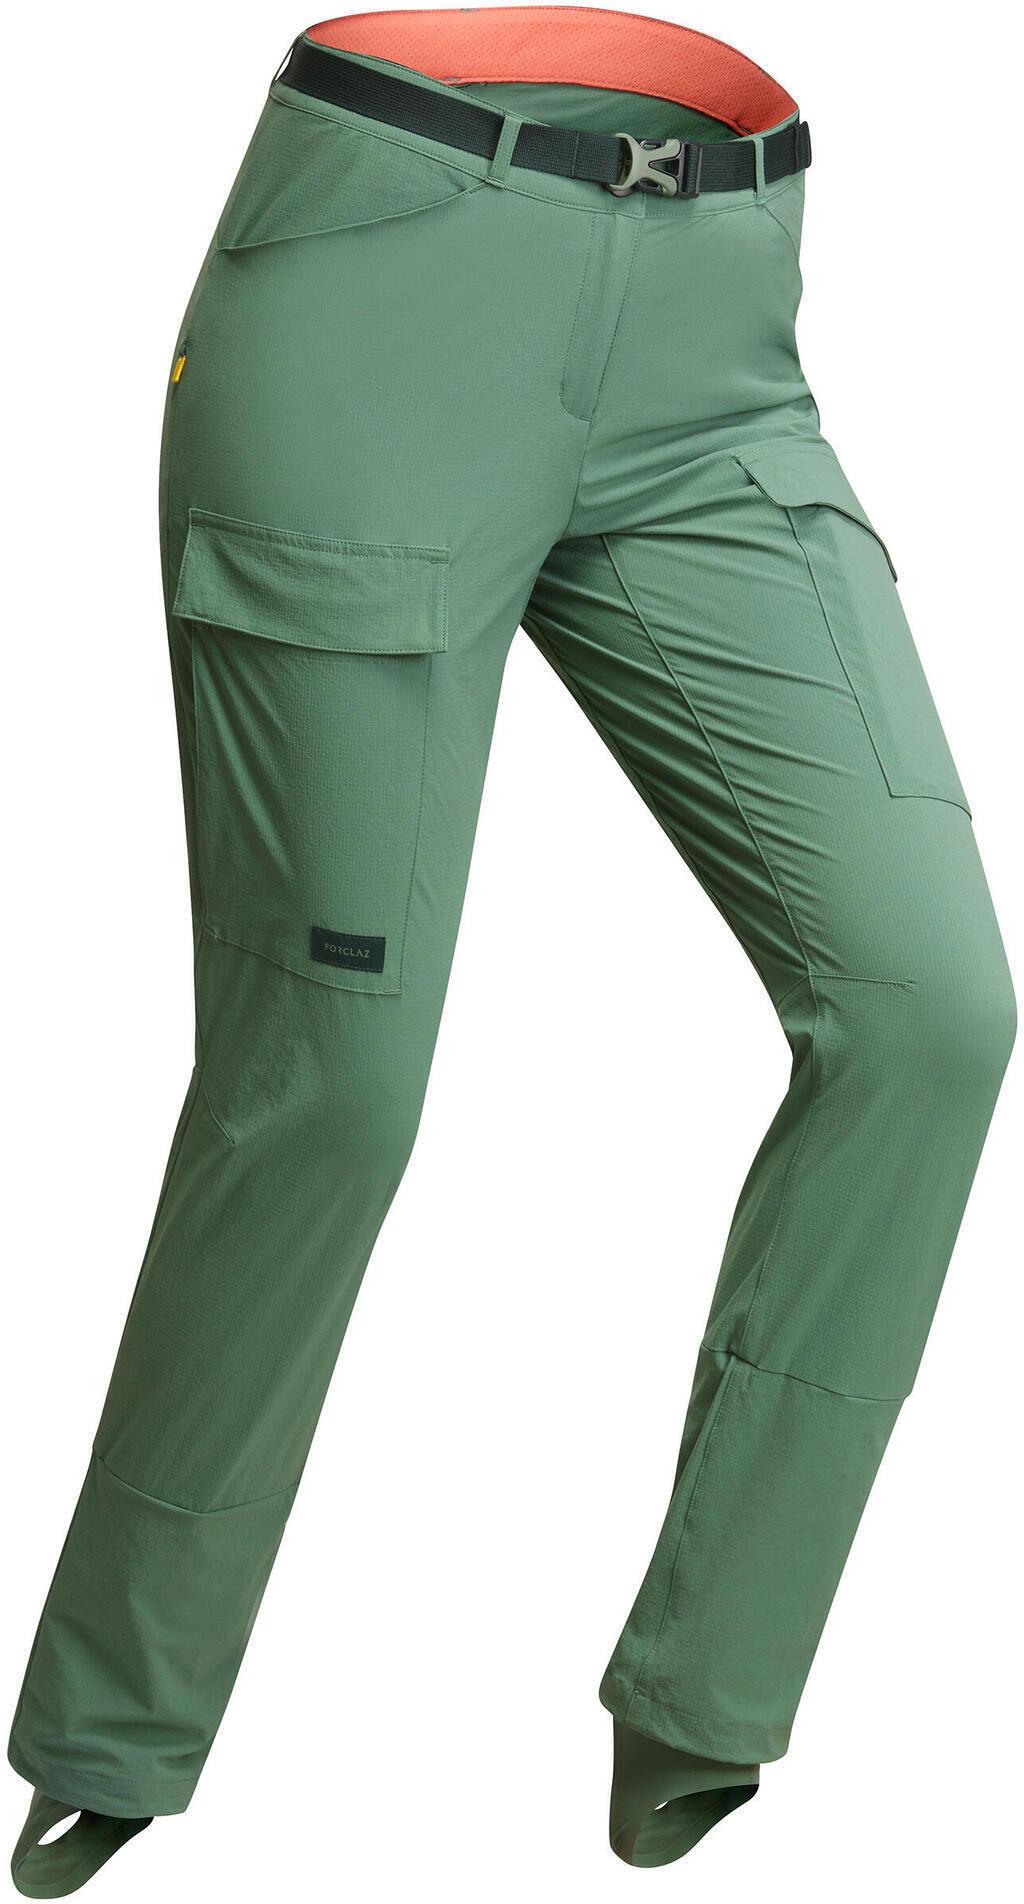 Spodnie turystyczne Forclaz Tropic 900 damskie